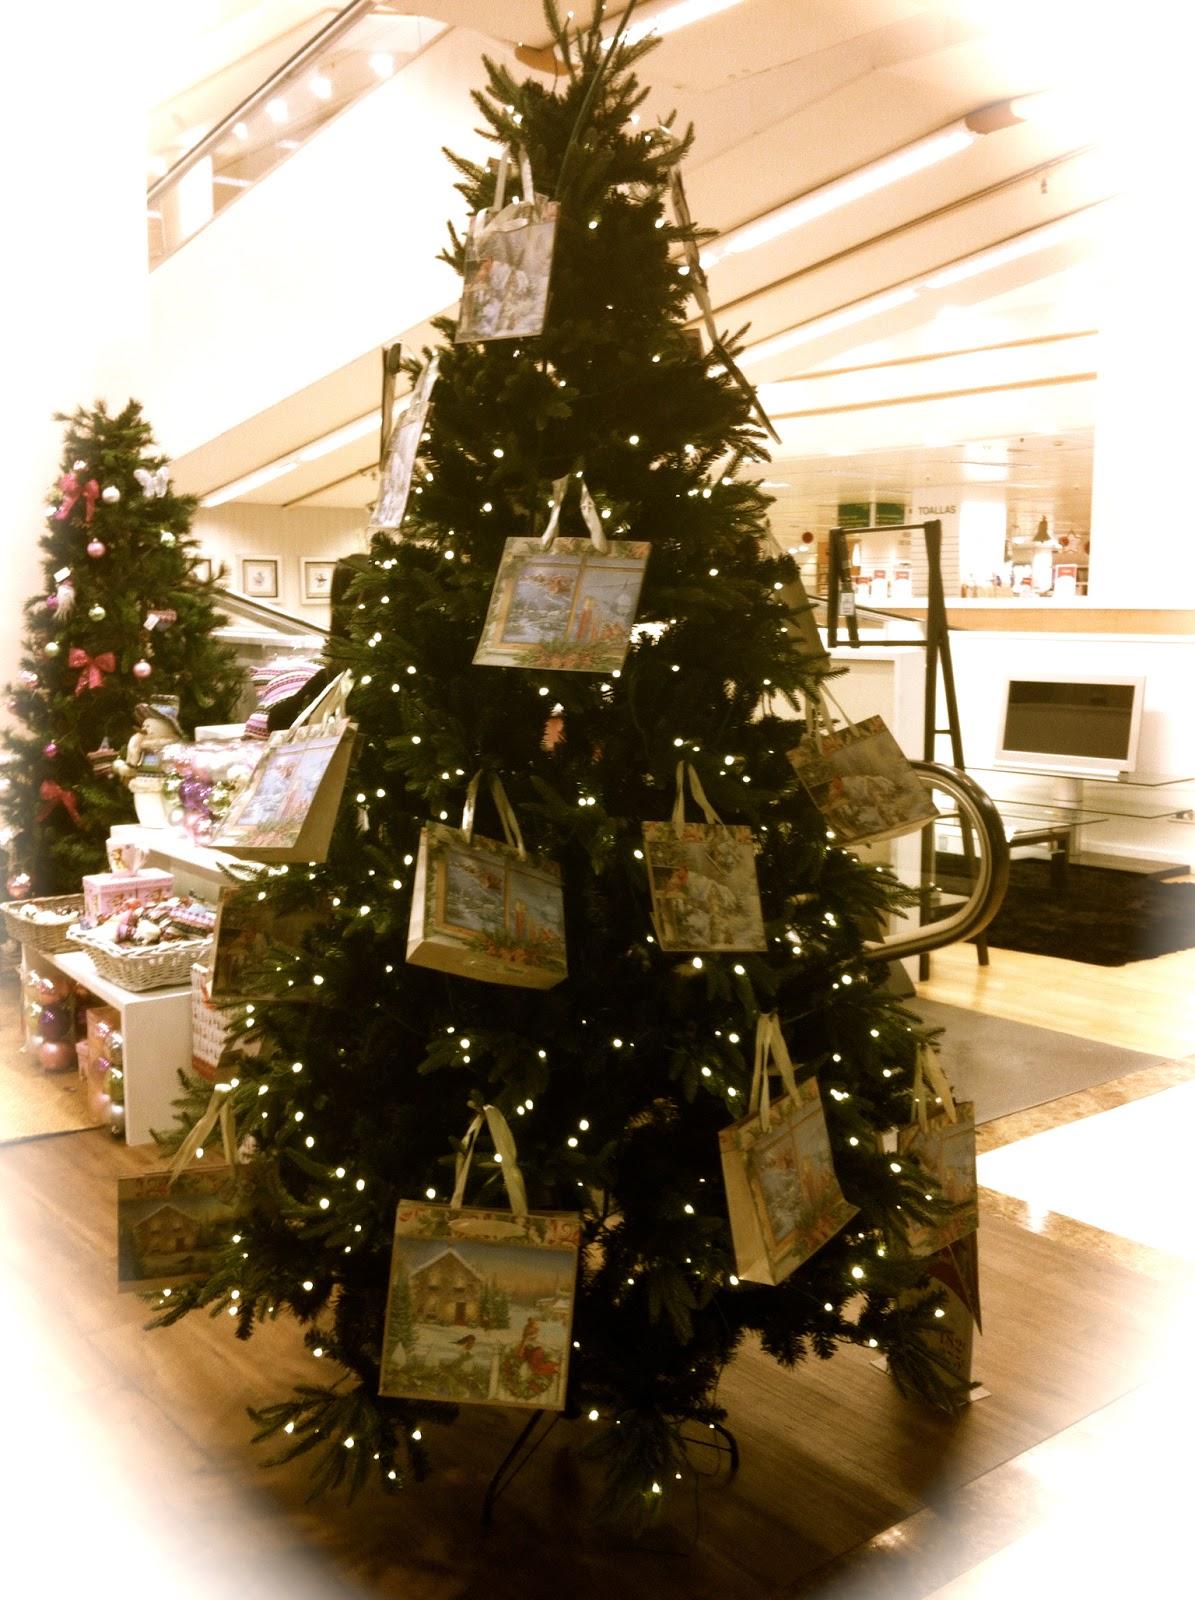 Bolsas impresas servibags bolsas de papel decorando el - Arbol de navidad en ingles ...